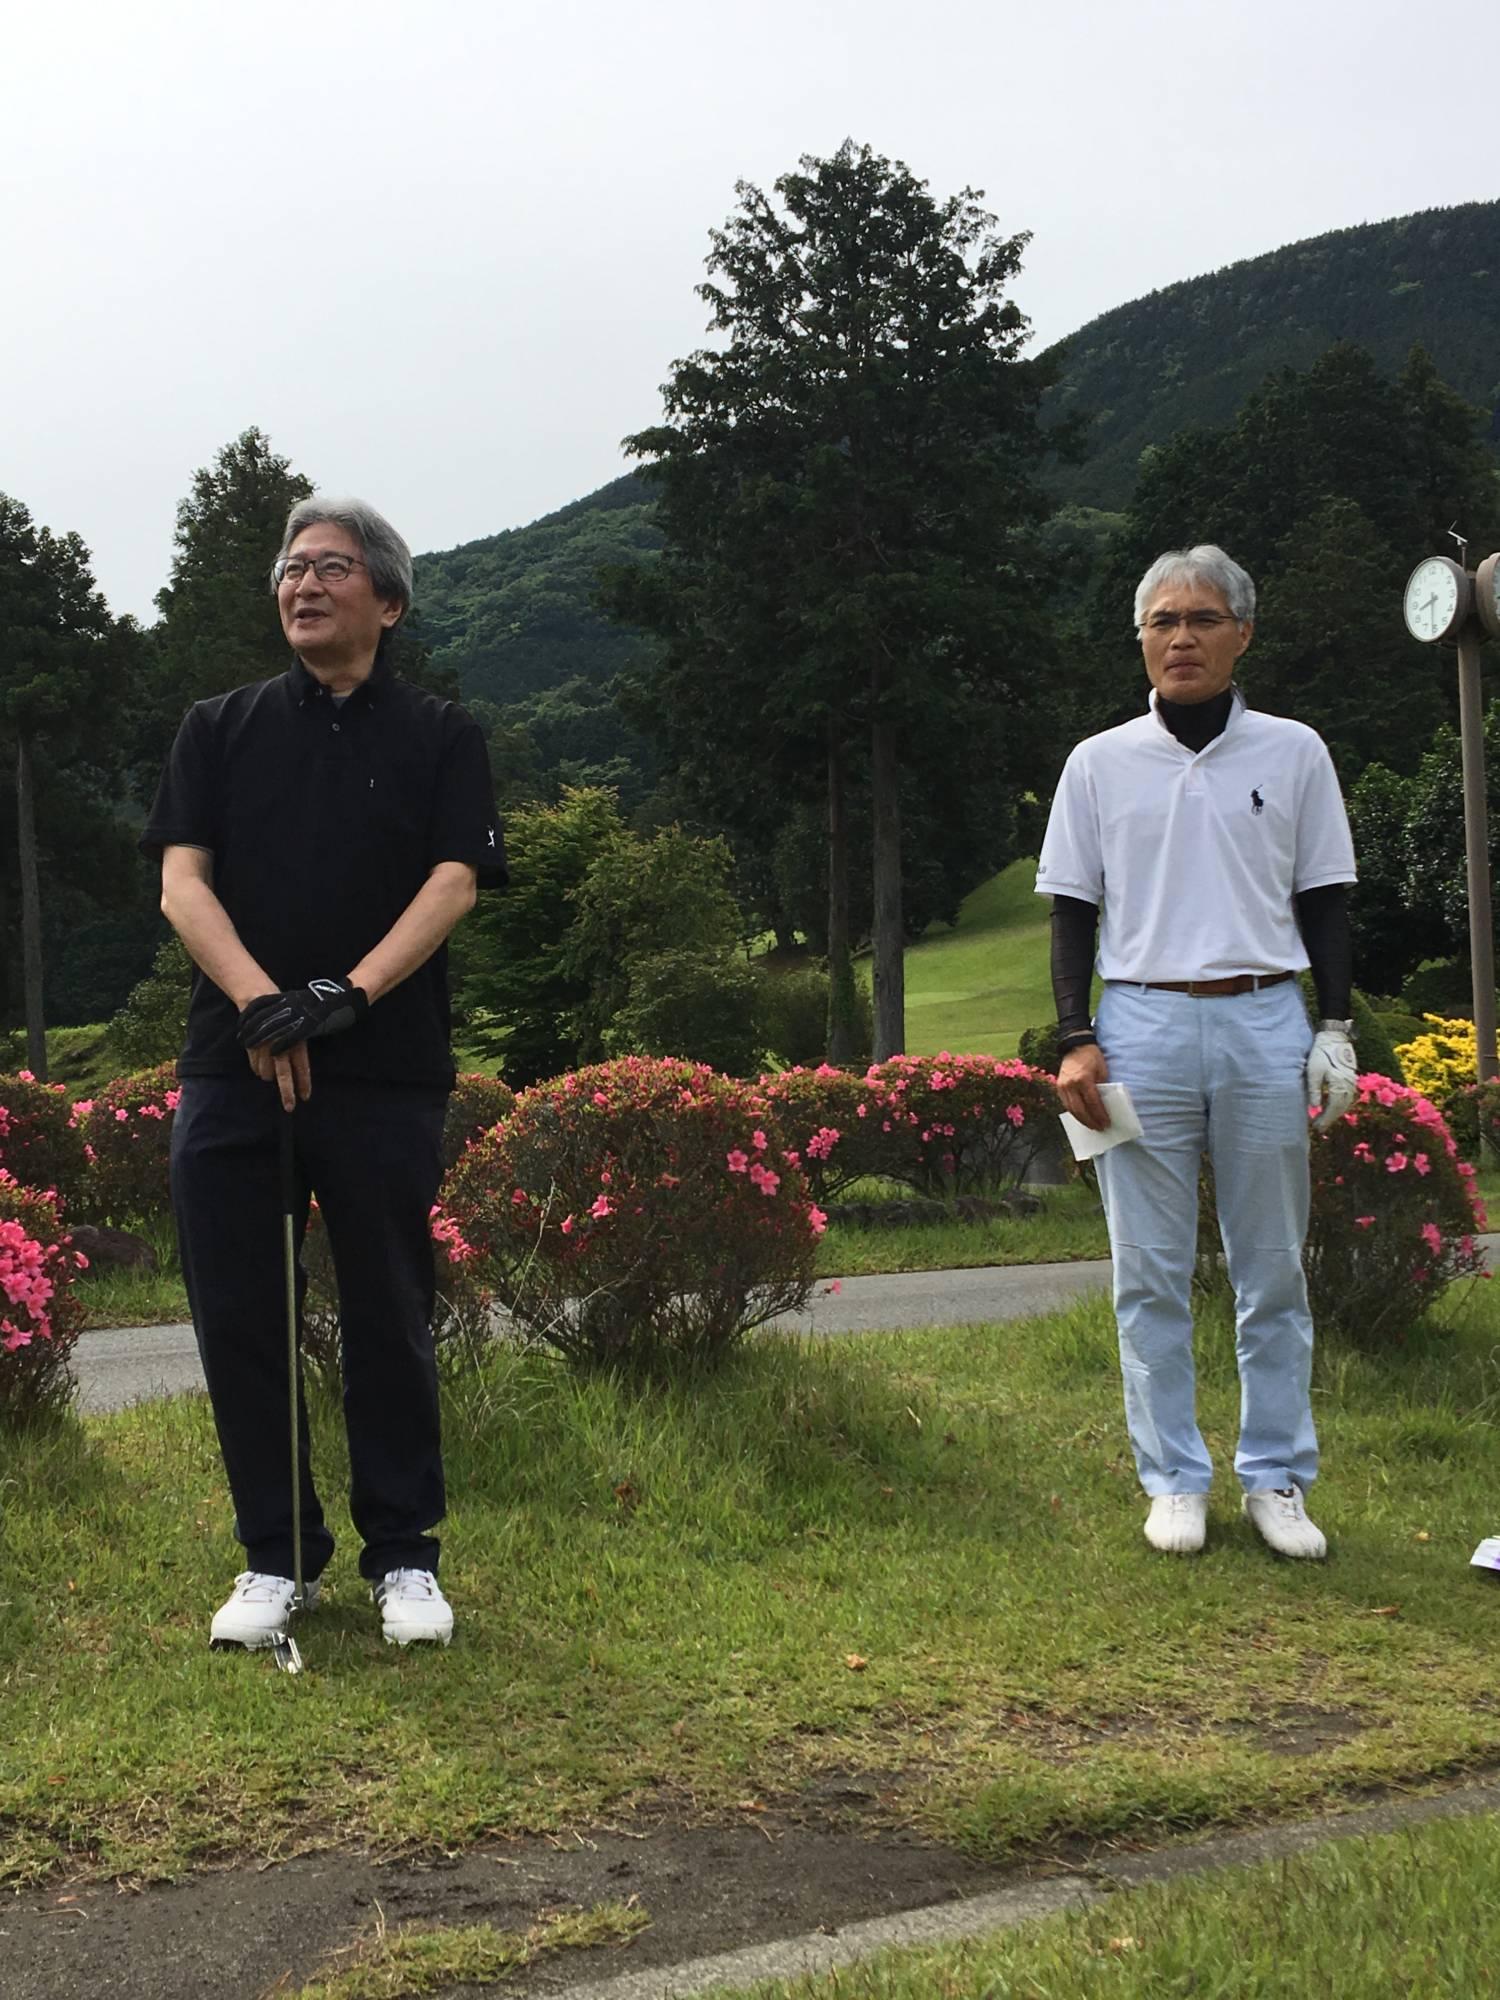 今回幹事をしてくださいました、金子さんと秀島さん。お疲れ様でした。